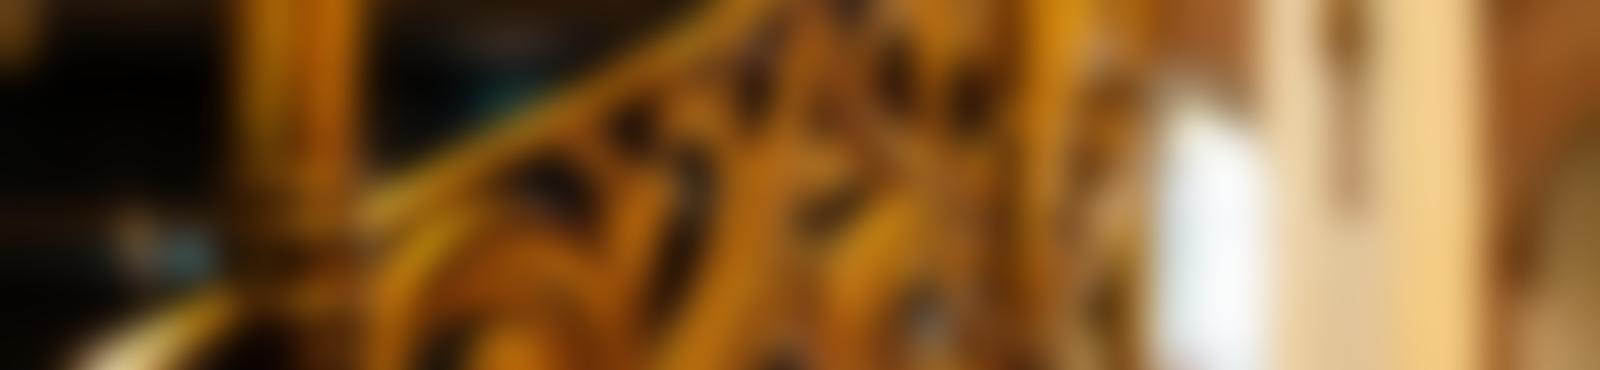 Blurred e663c03e 3286 47f9 ae8e f1fbfdc6086f